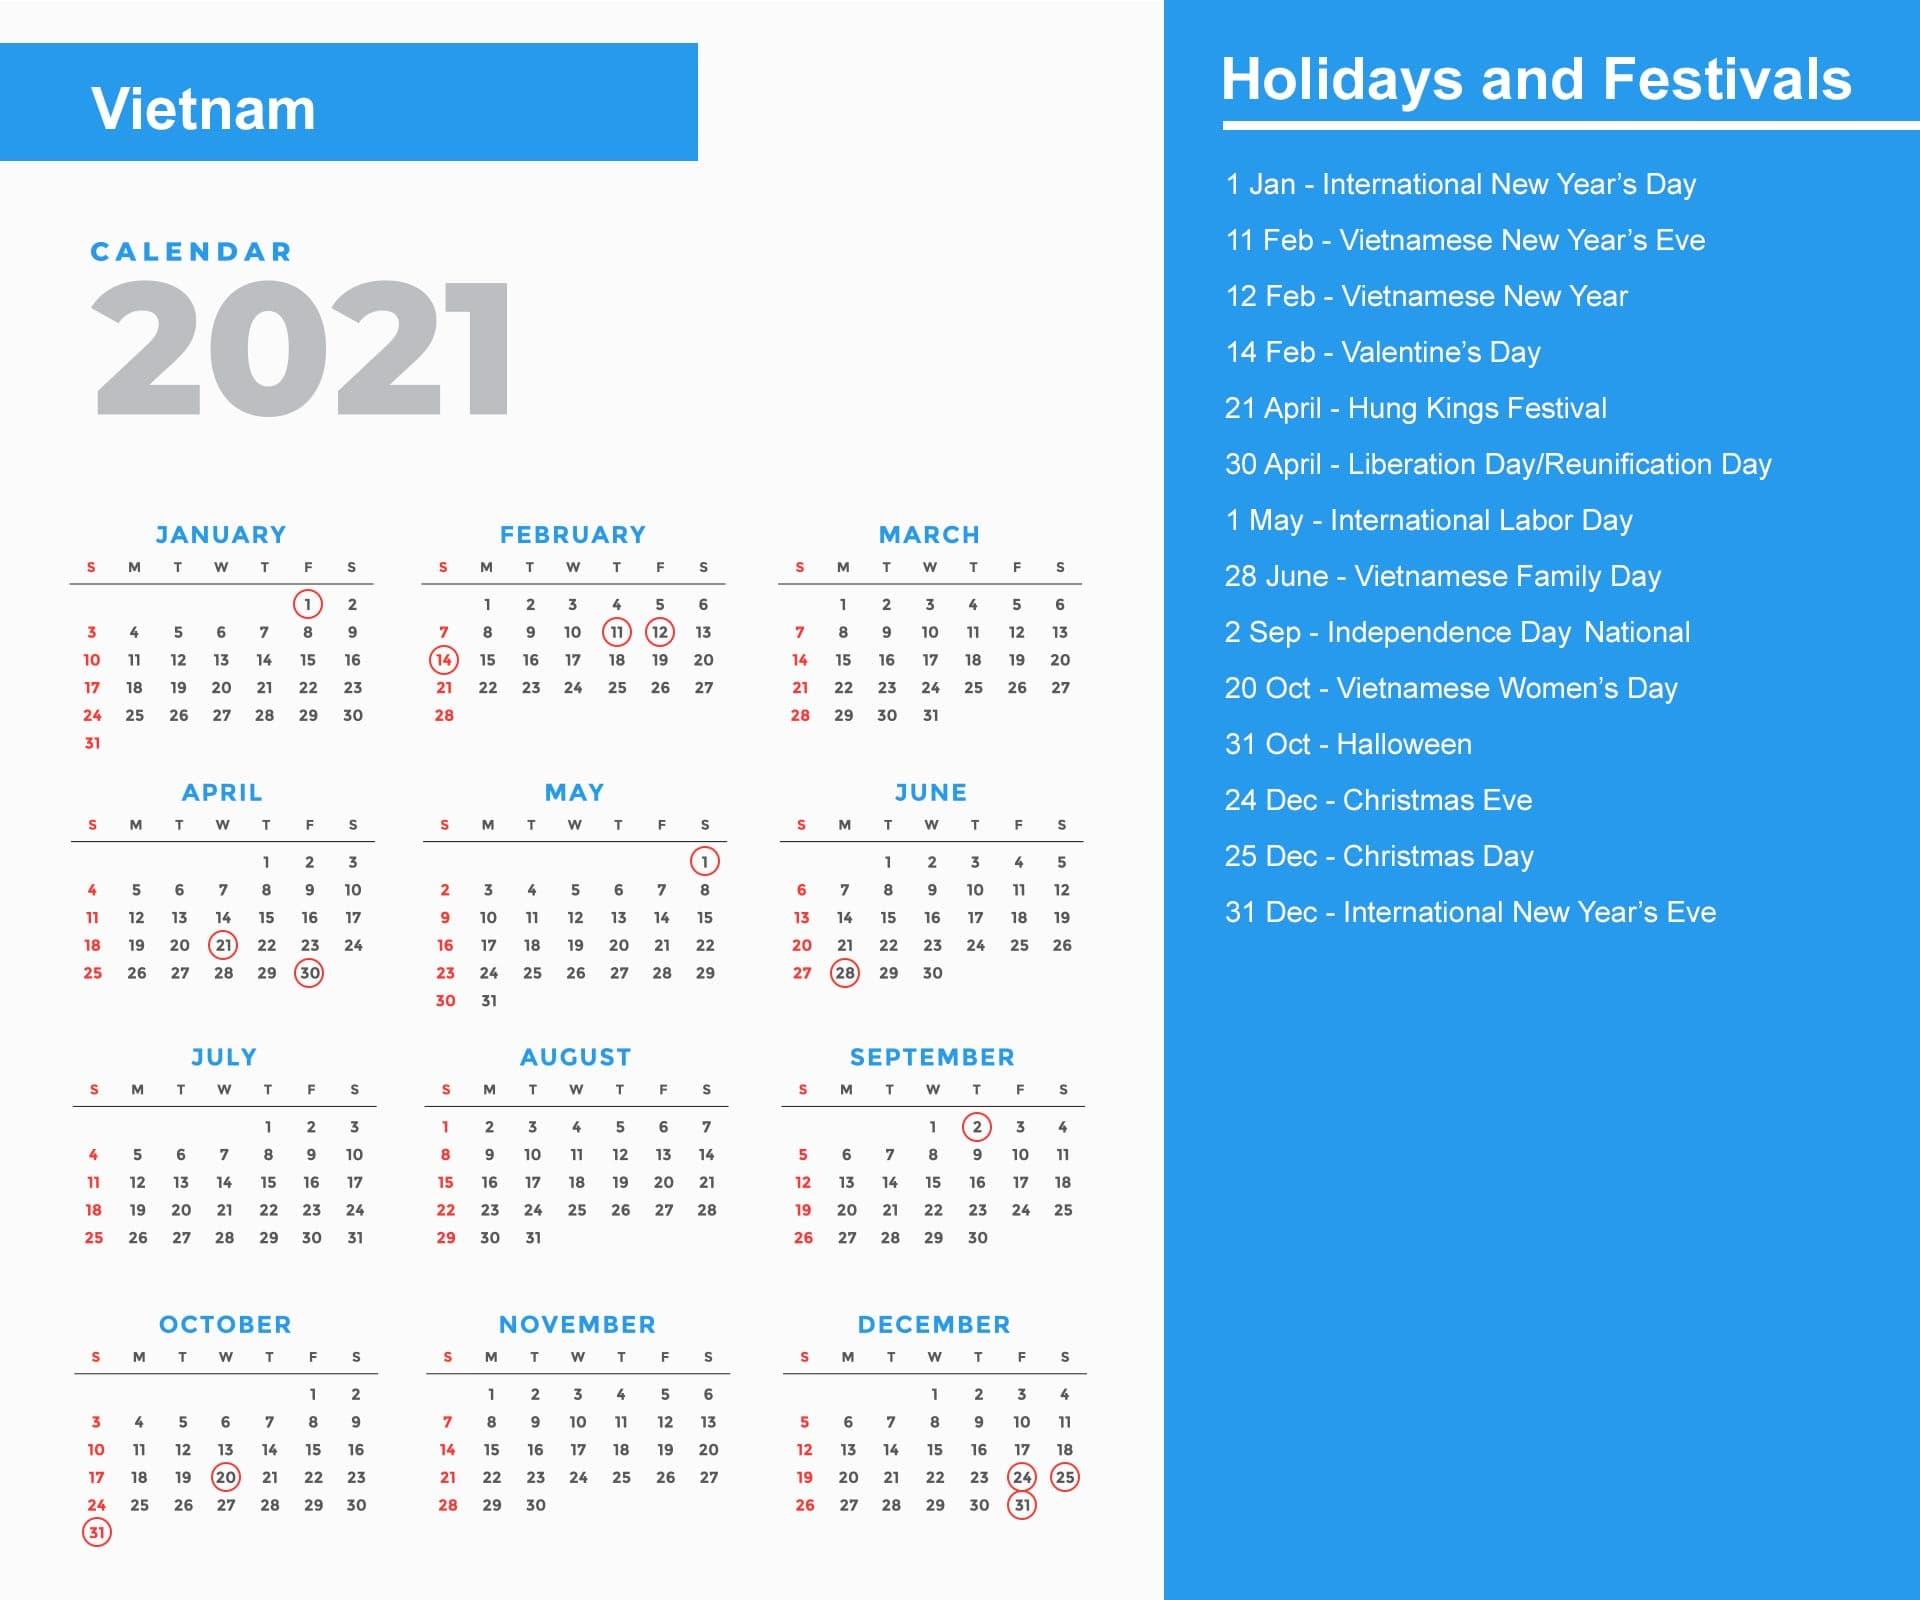 Vietnam Calendar 2021